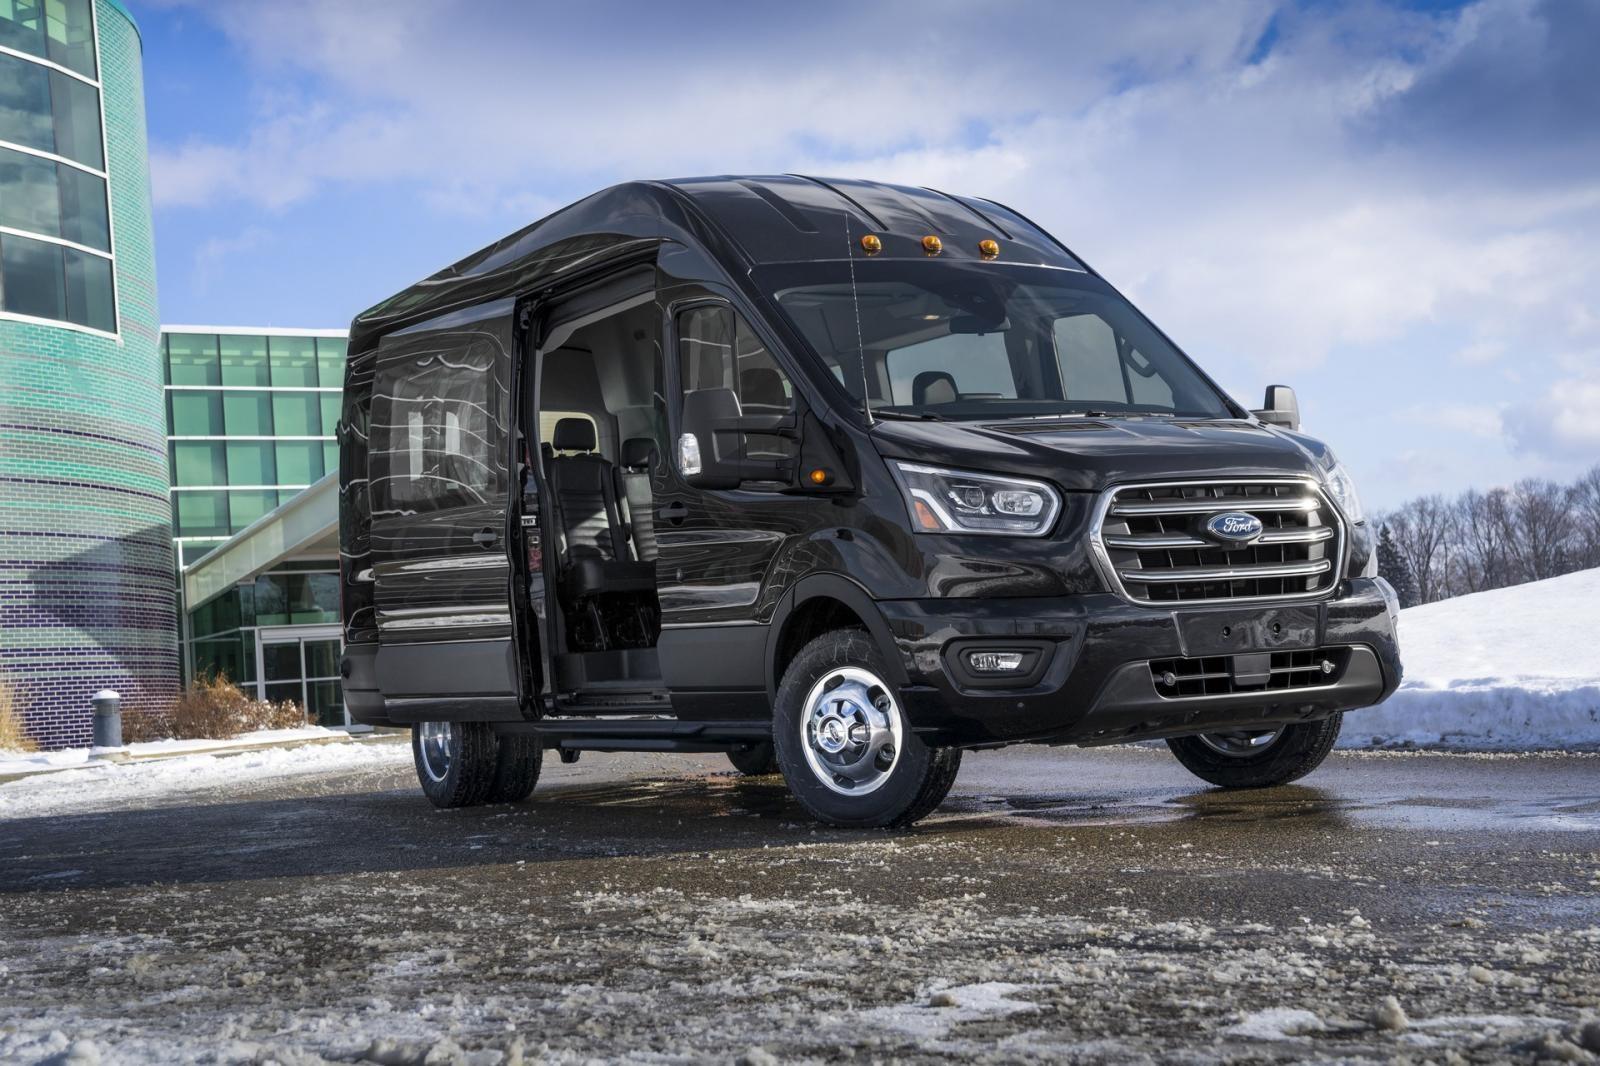 Ford Transit 2020 ra mắt tại thị trường Mỹ không thay đổi về mặt thiết kế nhưng được trang bị động cơ mới